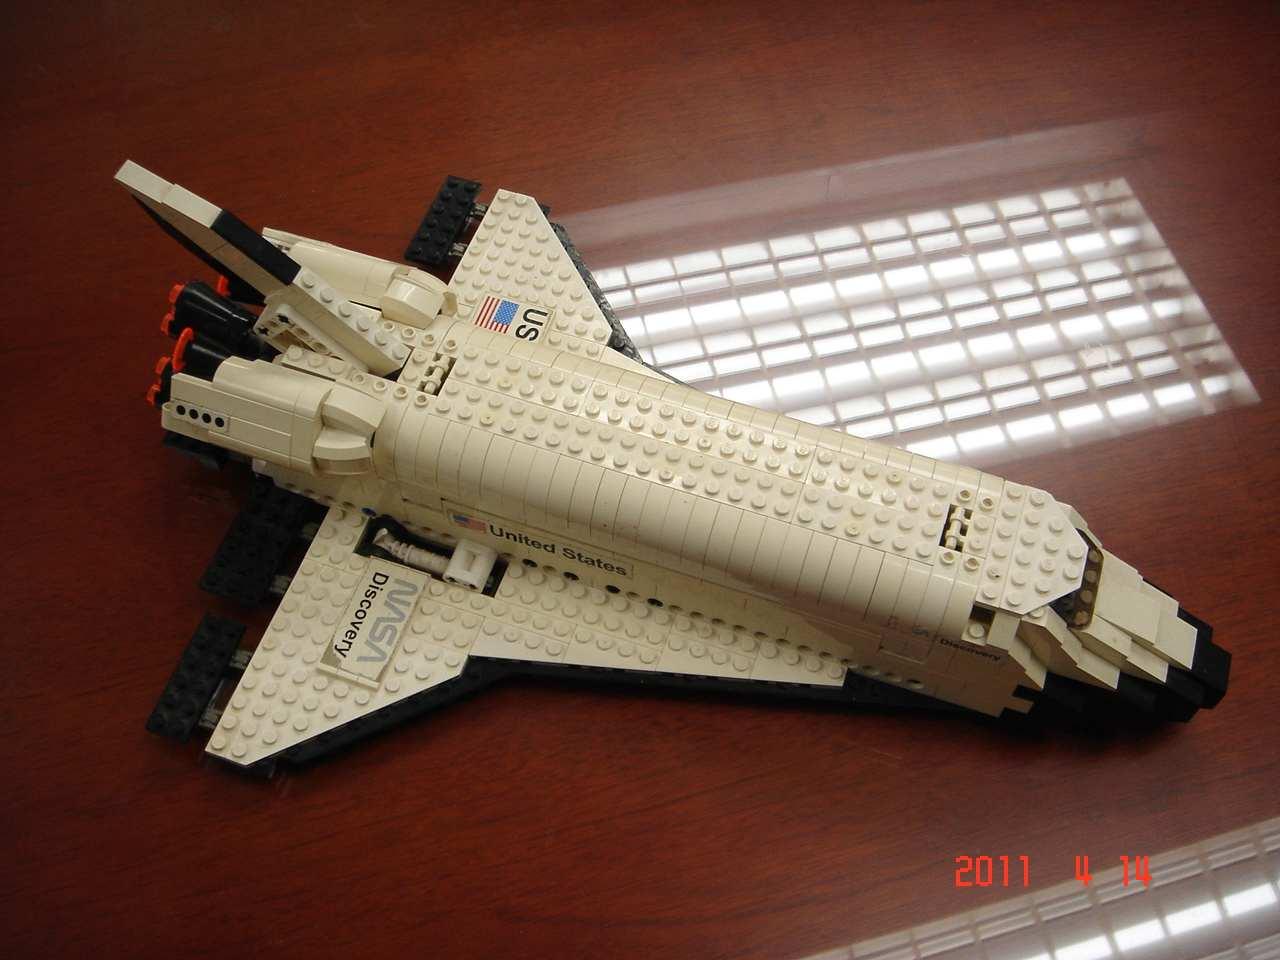 Brickshelf Gallery lego 7470